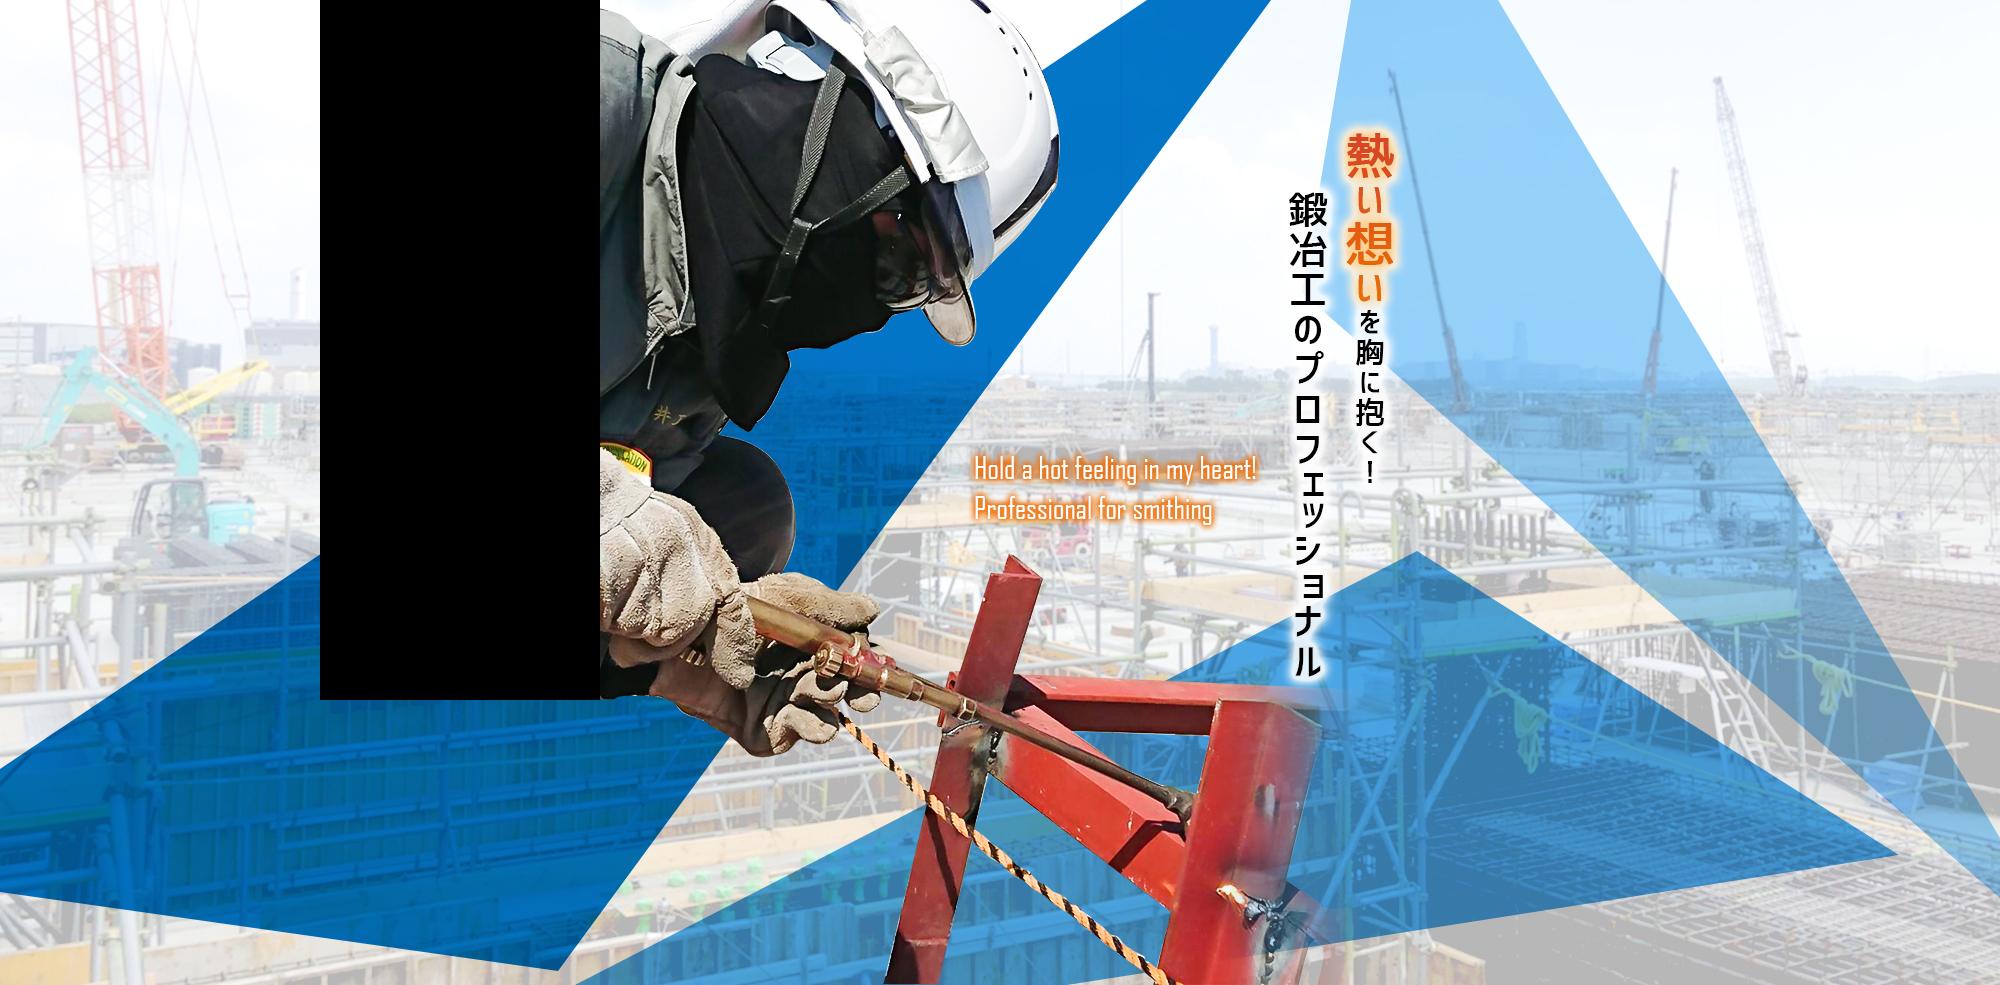 鍛冶工のプロフェッショナル集団 兵庫県 長井工業 熱い想いを胸に!